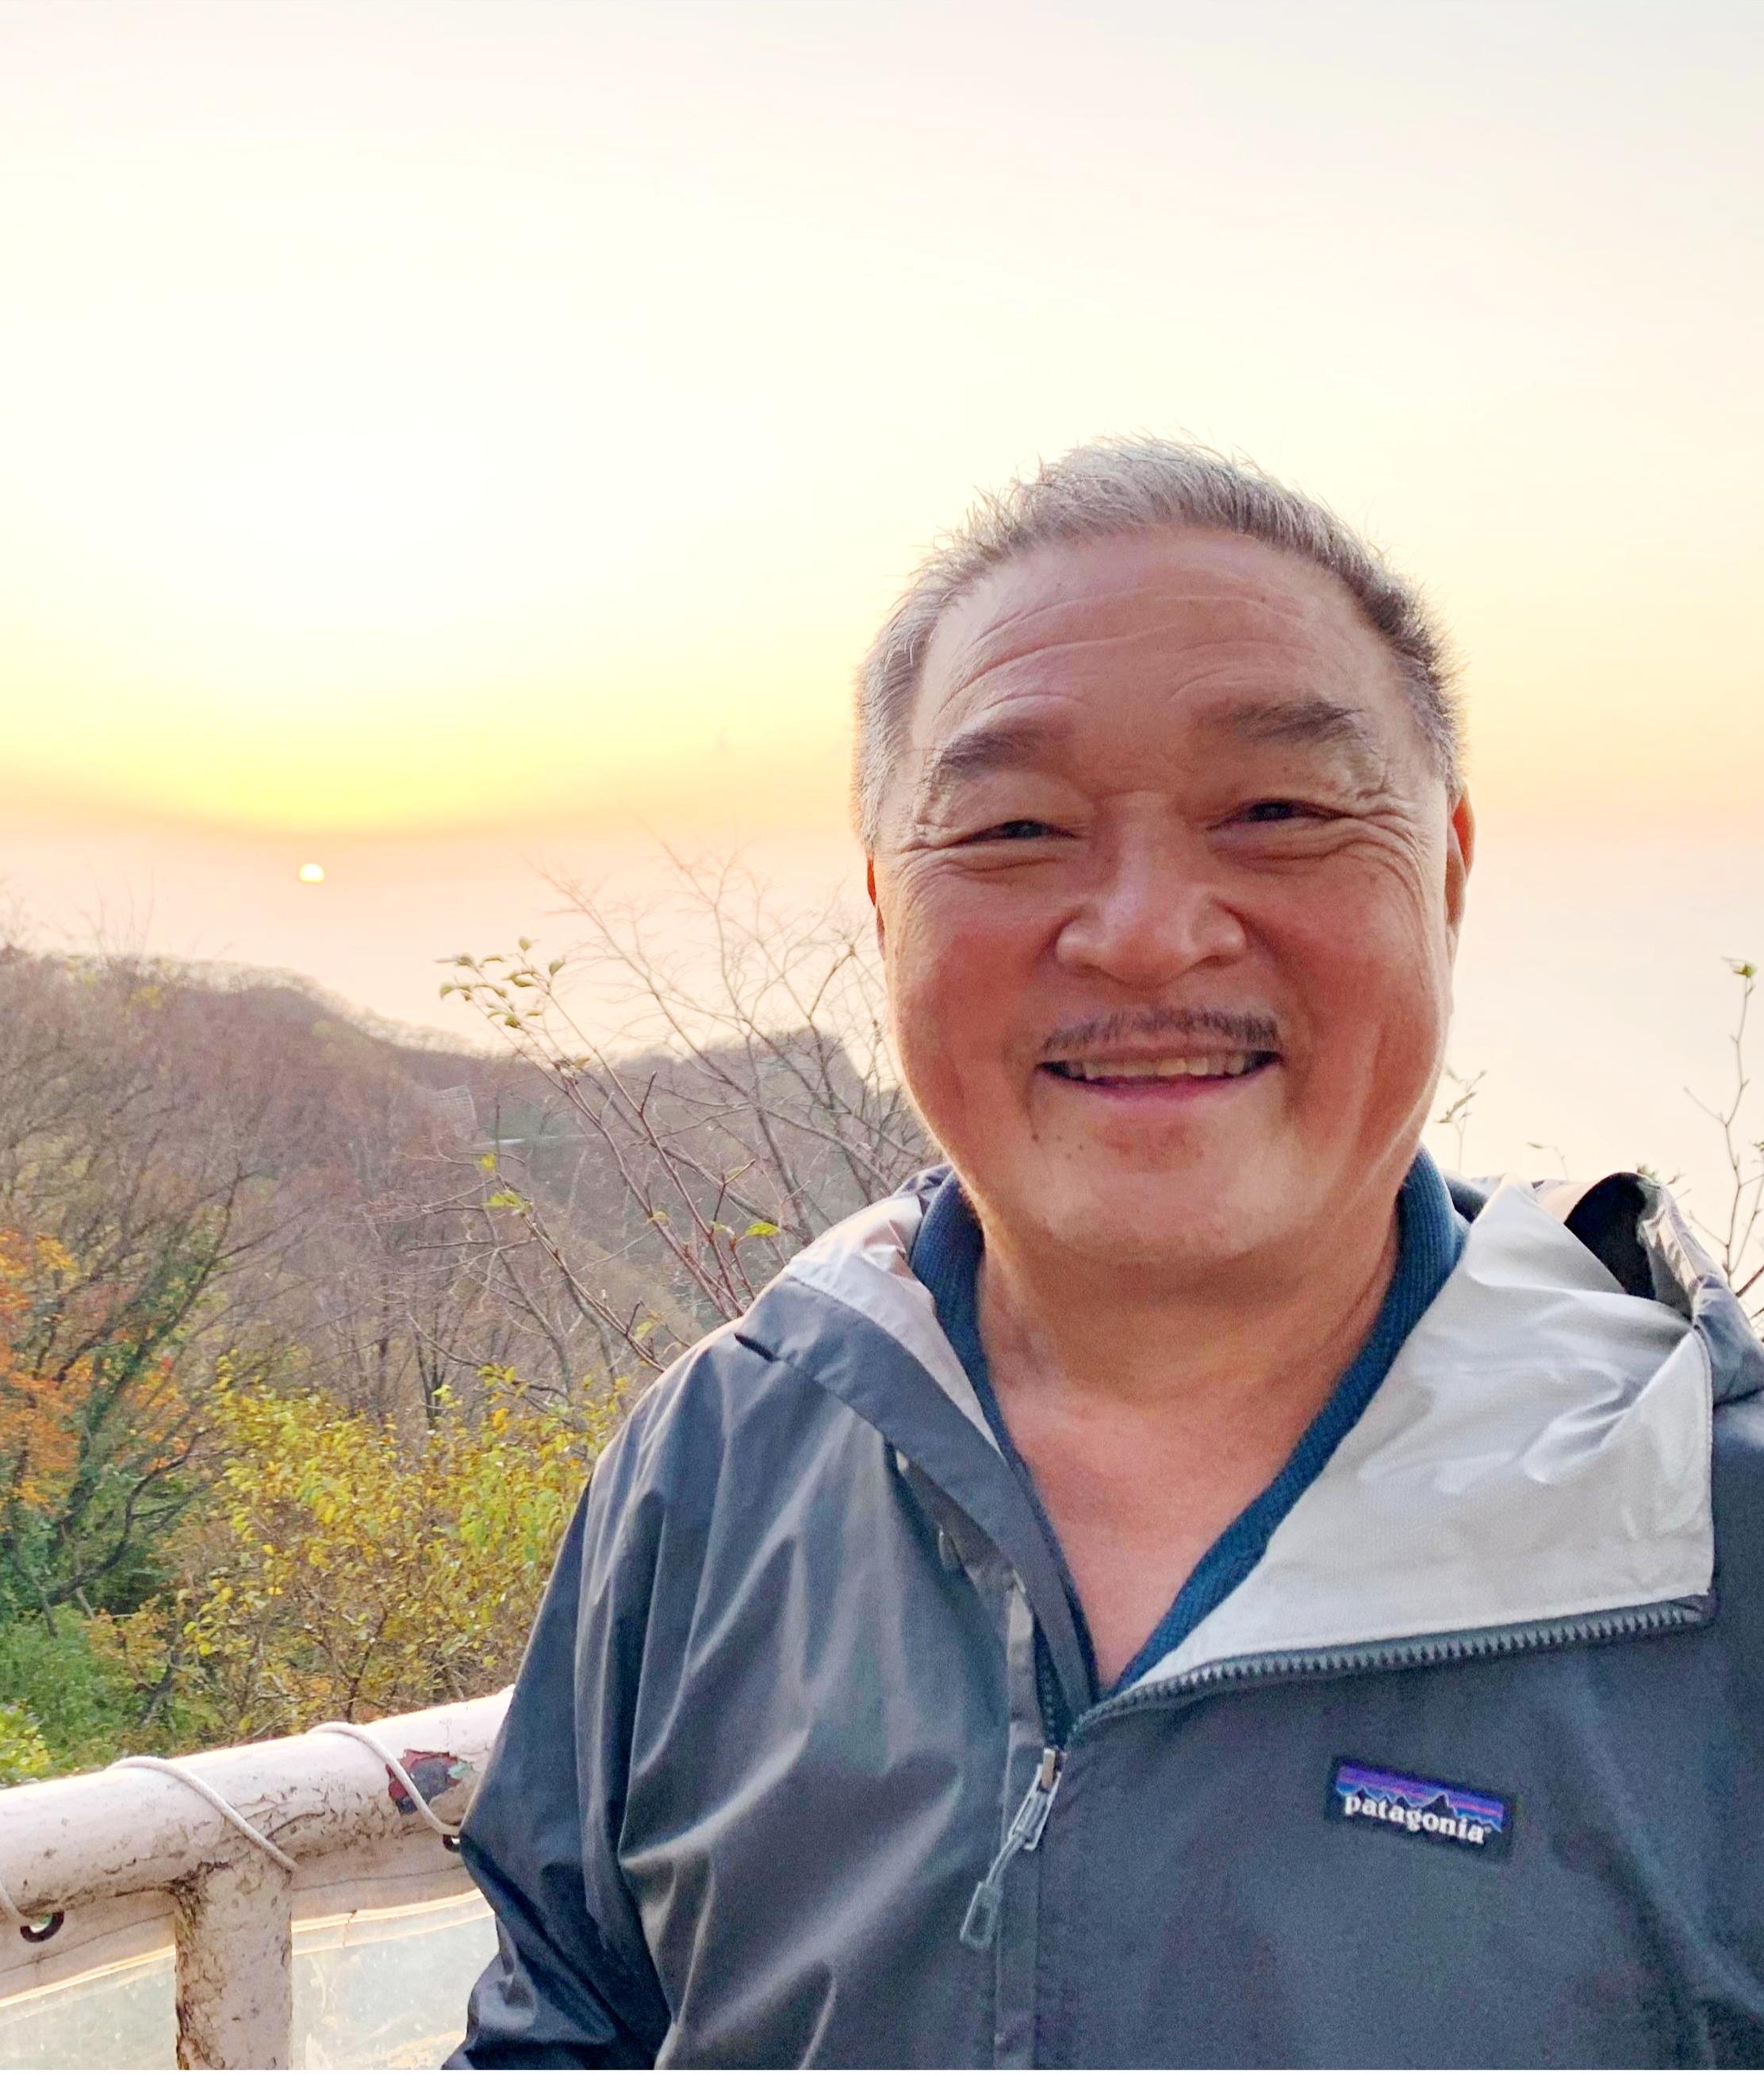 Steven M. Kiriu